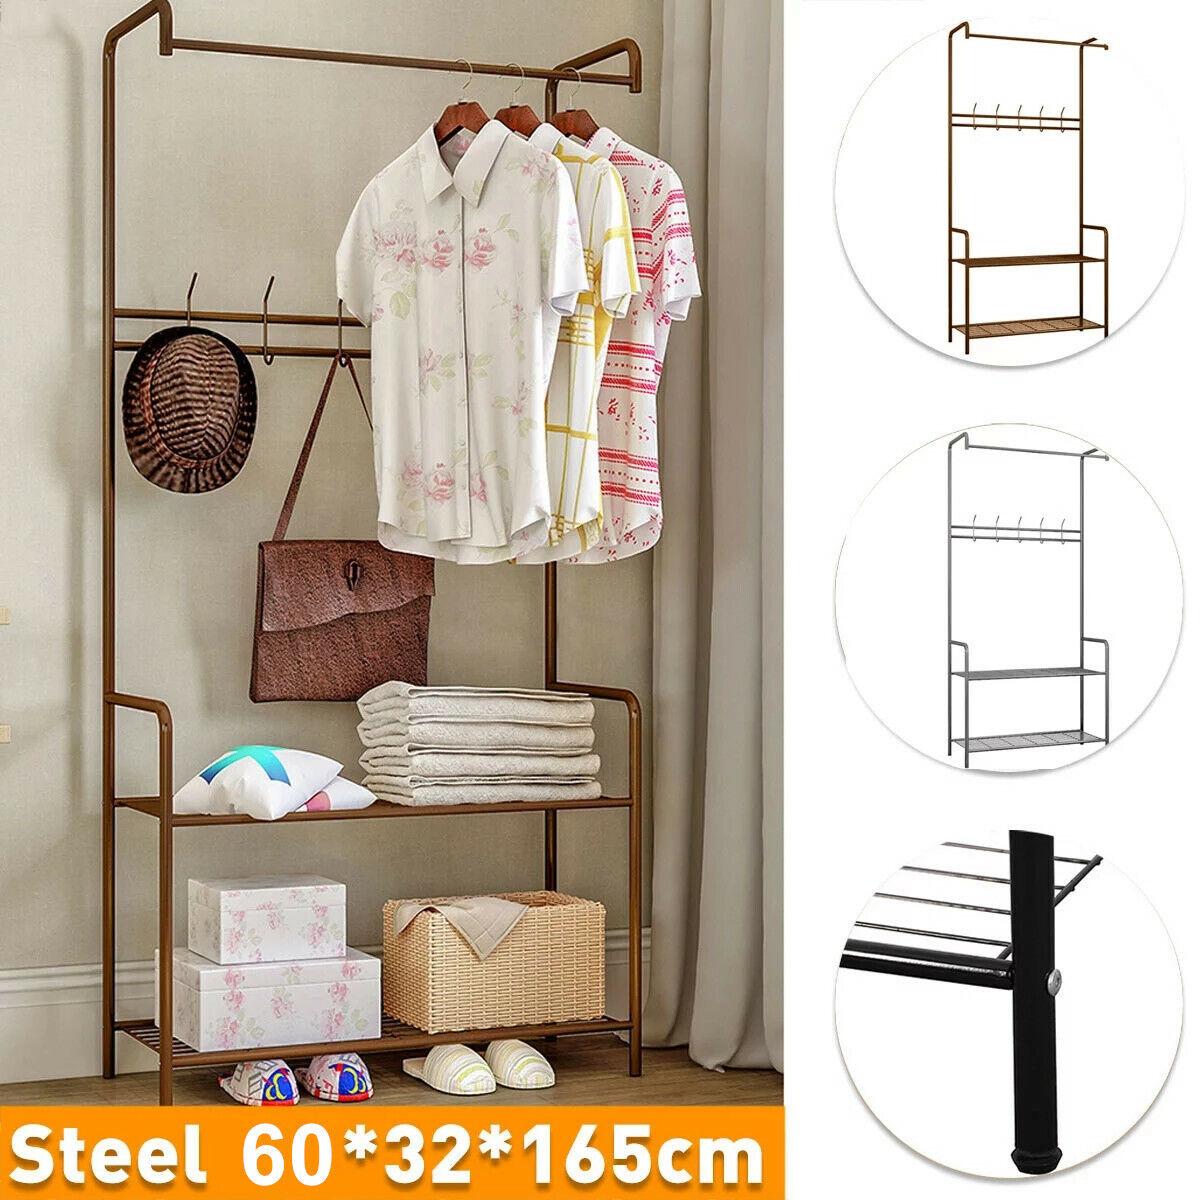 Coat Rack Free Standing Metal 11 Hooks Coat Tree Hallway//Entryway Coat Hanger Stand for Cloth,Hat,Umbrella Black